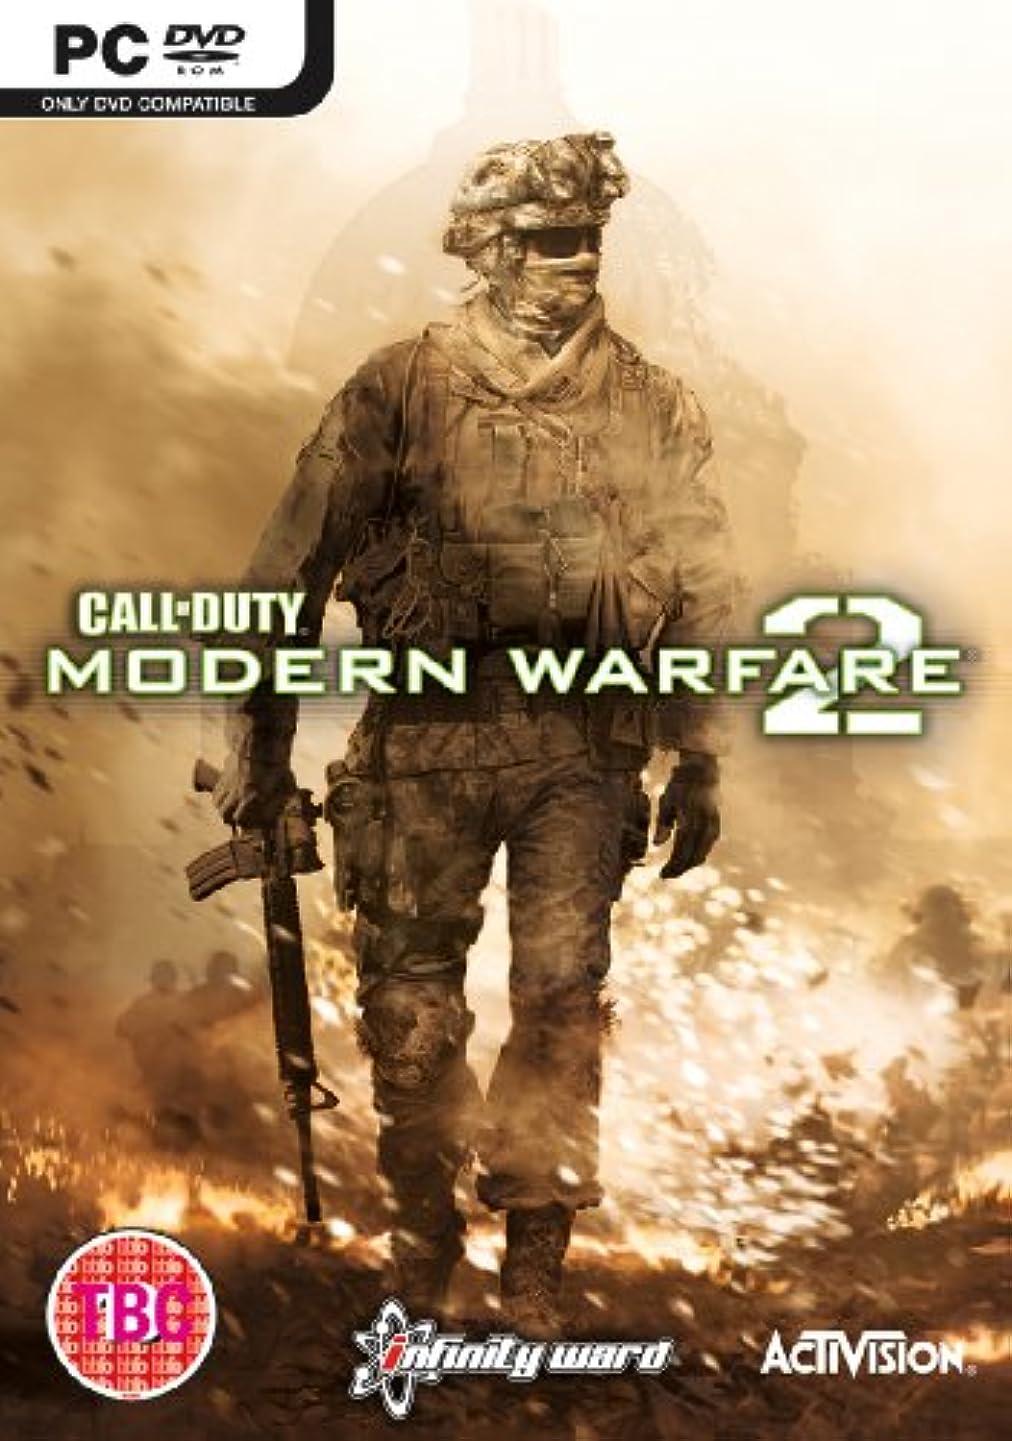 満了粗い眩惑するCall of Duty: Modern Warfare 2 (PC DVD)(輸入版)